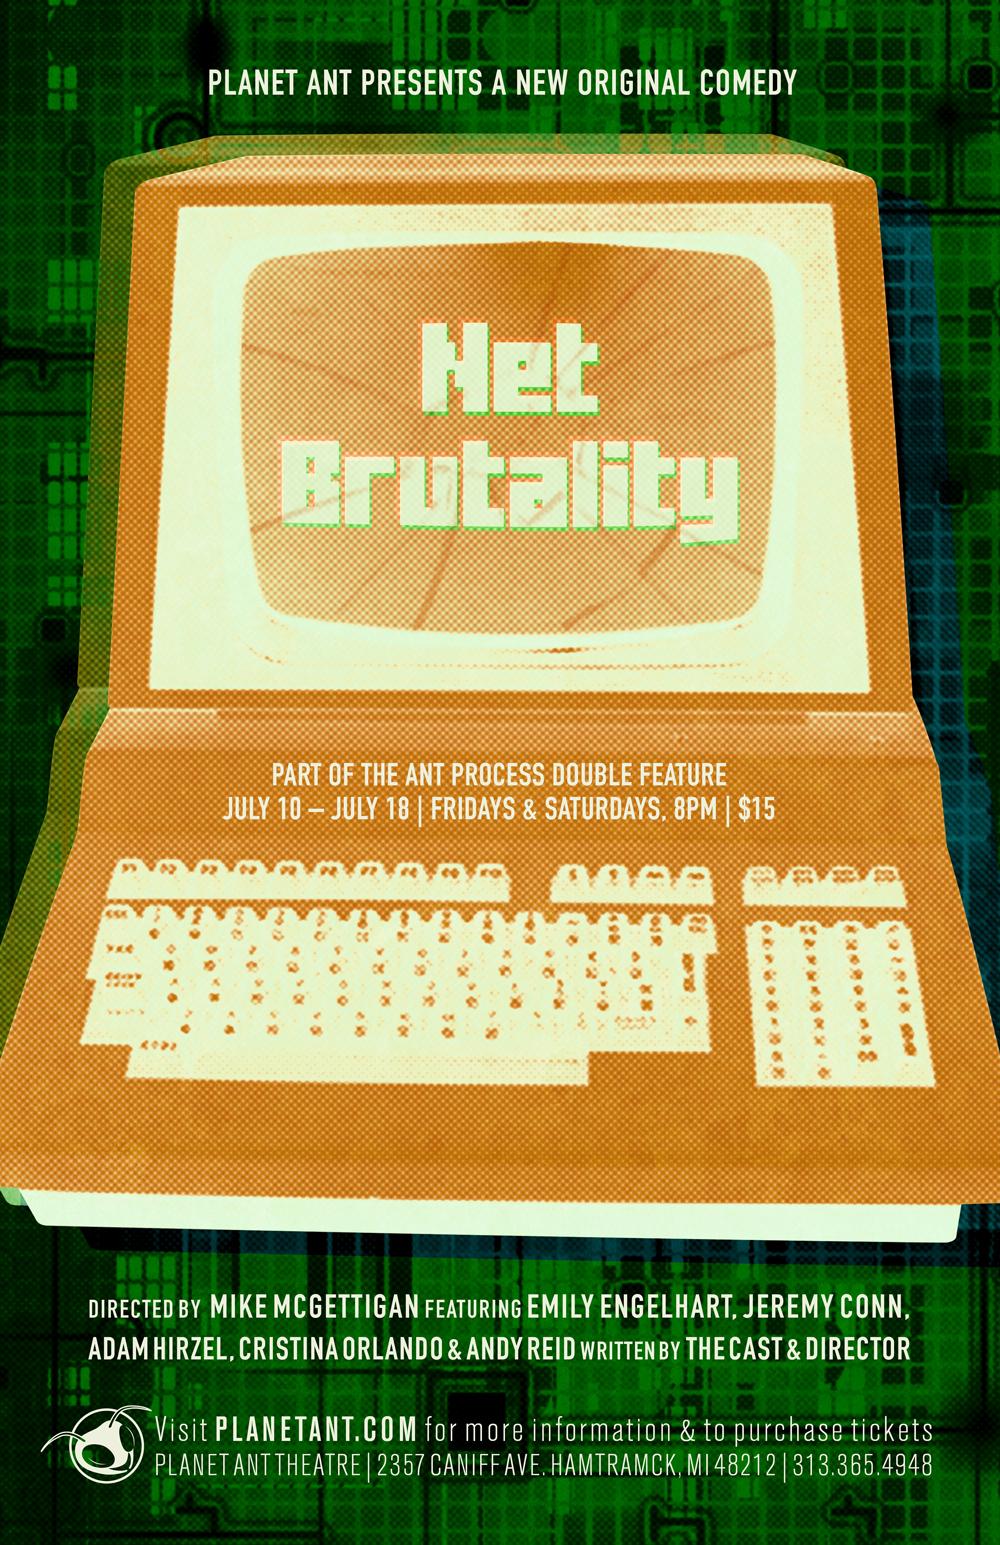 Net Brutality Poster